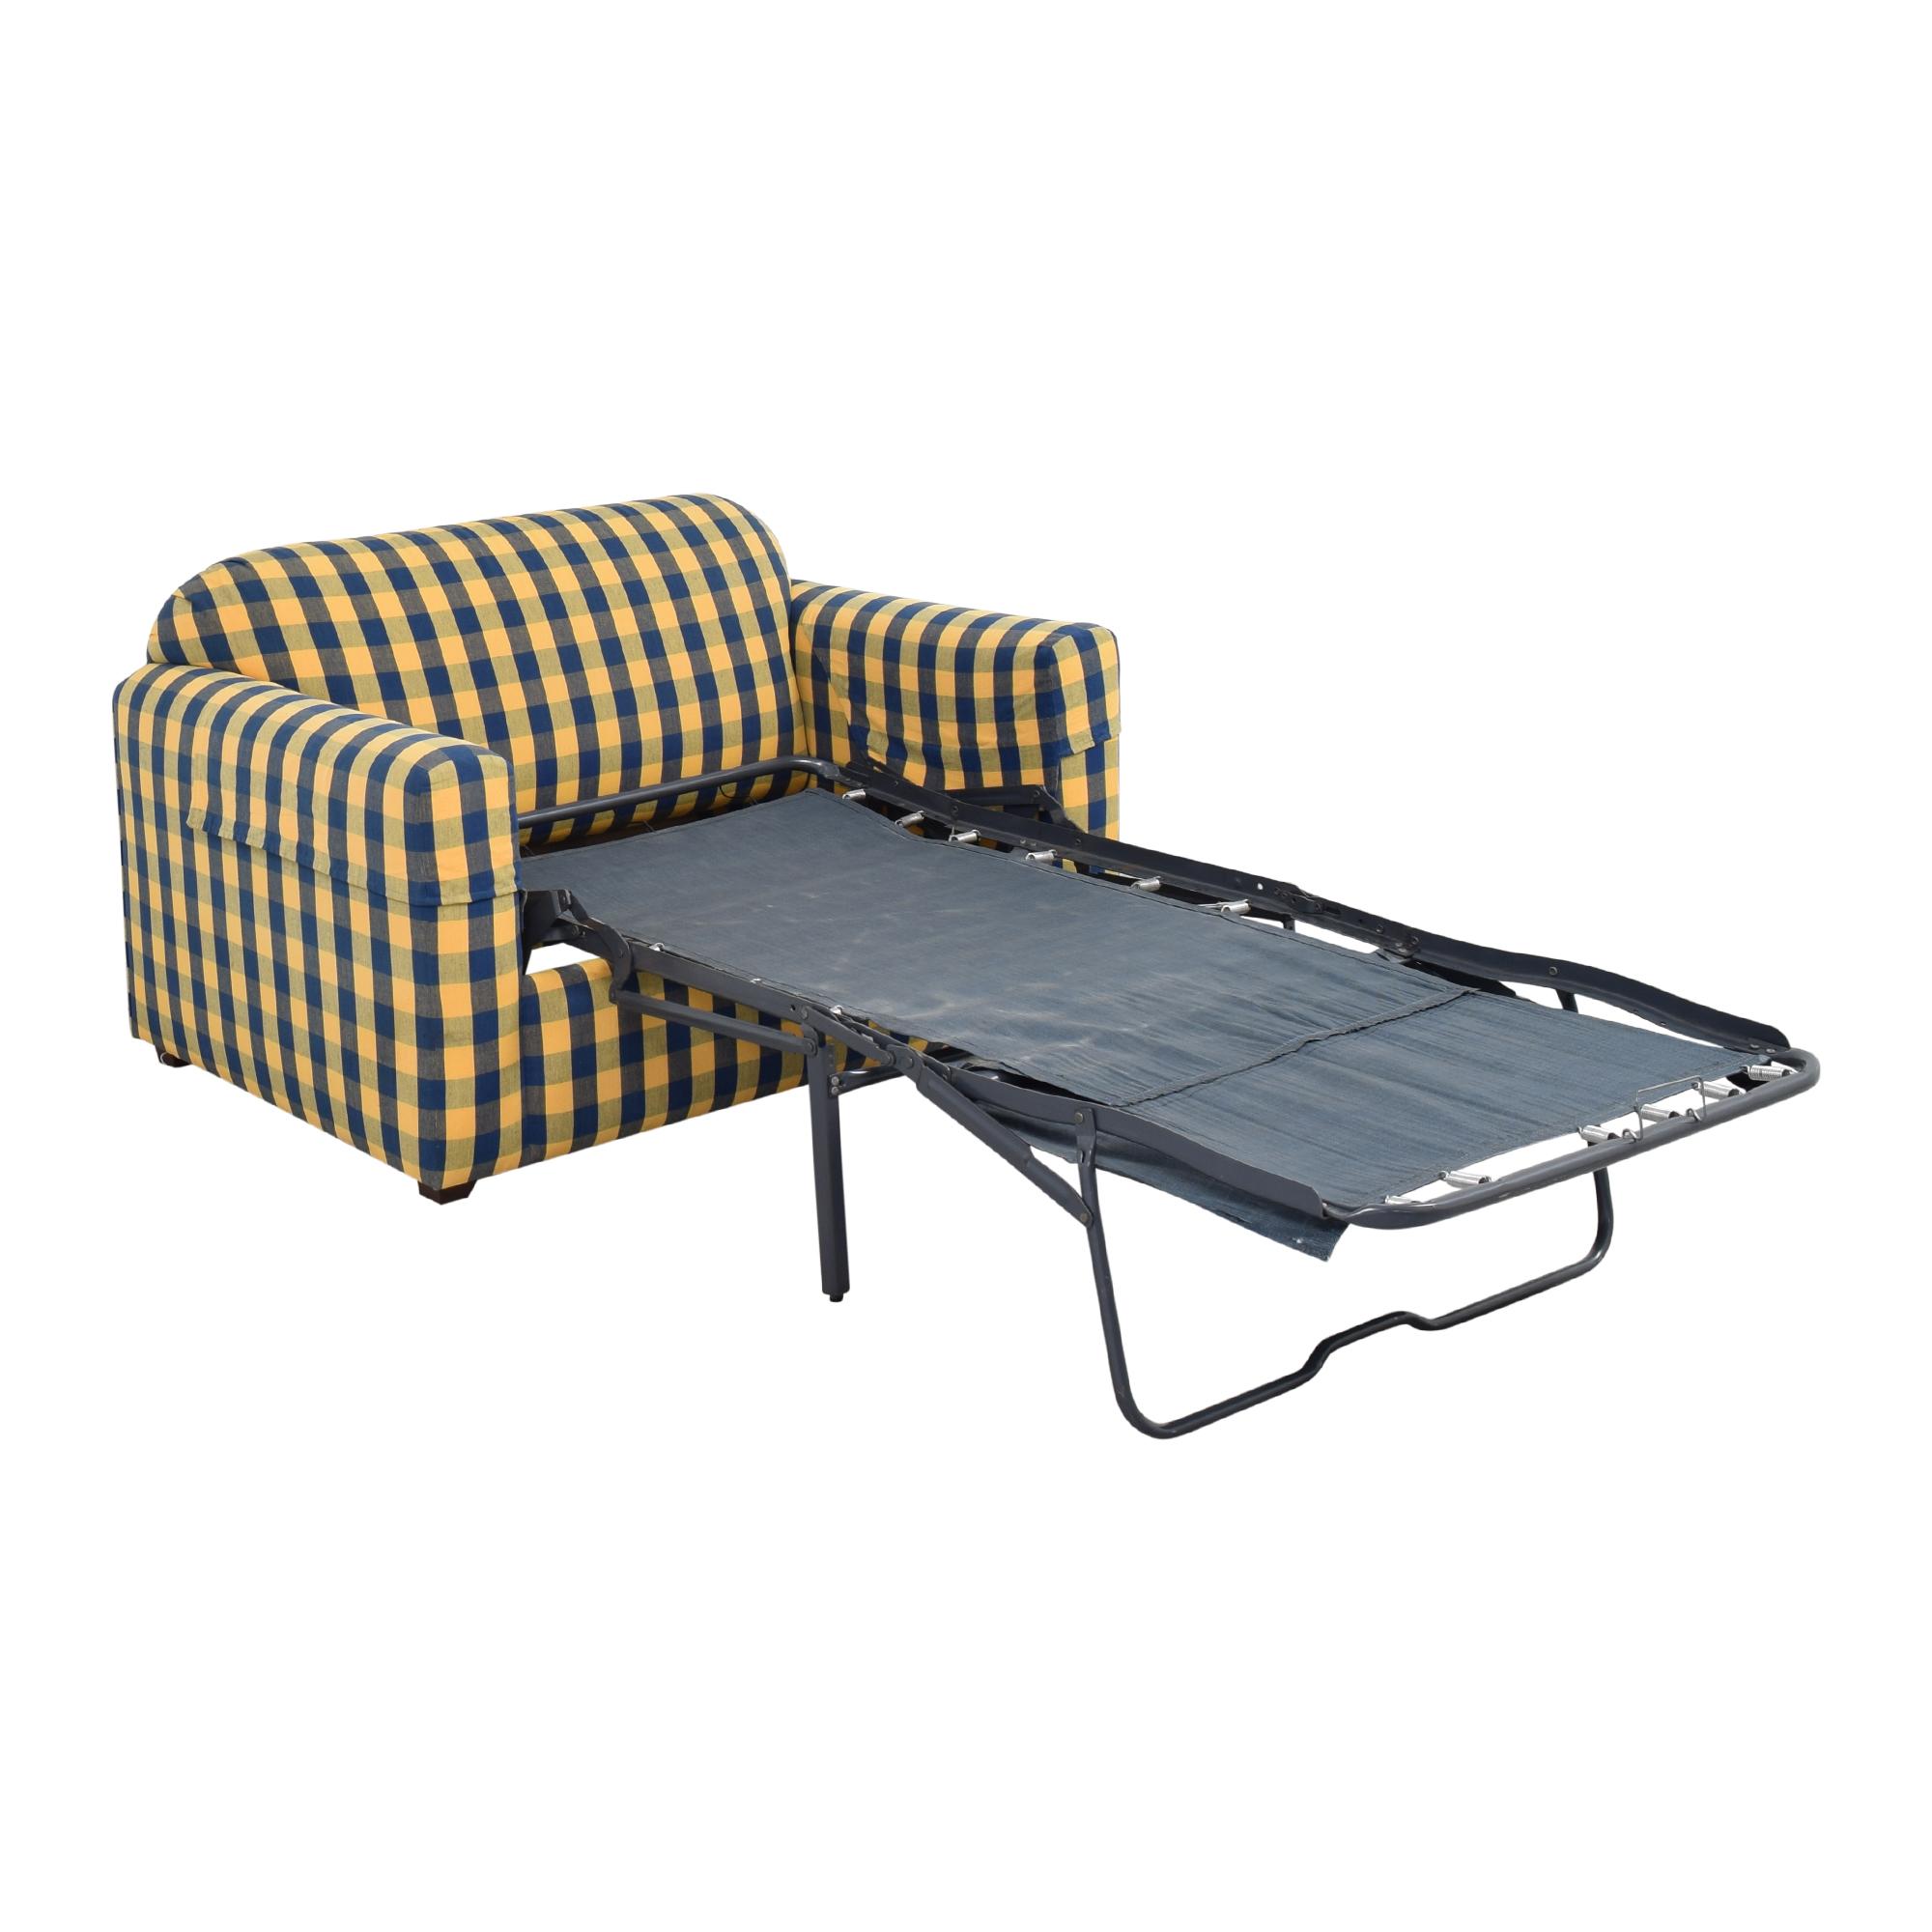 Flexsteel Flexsteel Sleephaven Twin Sleeper Sofa ma